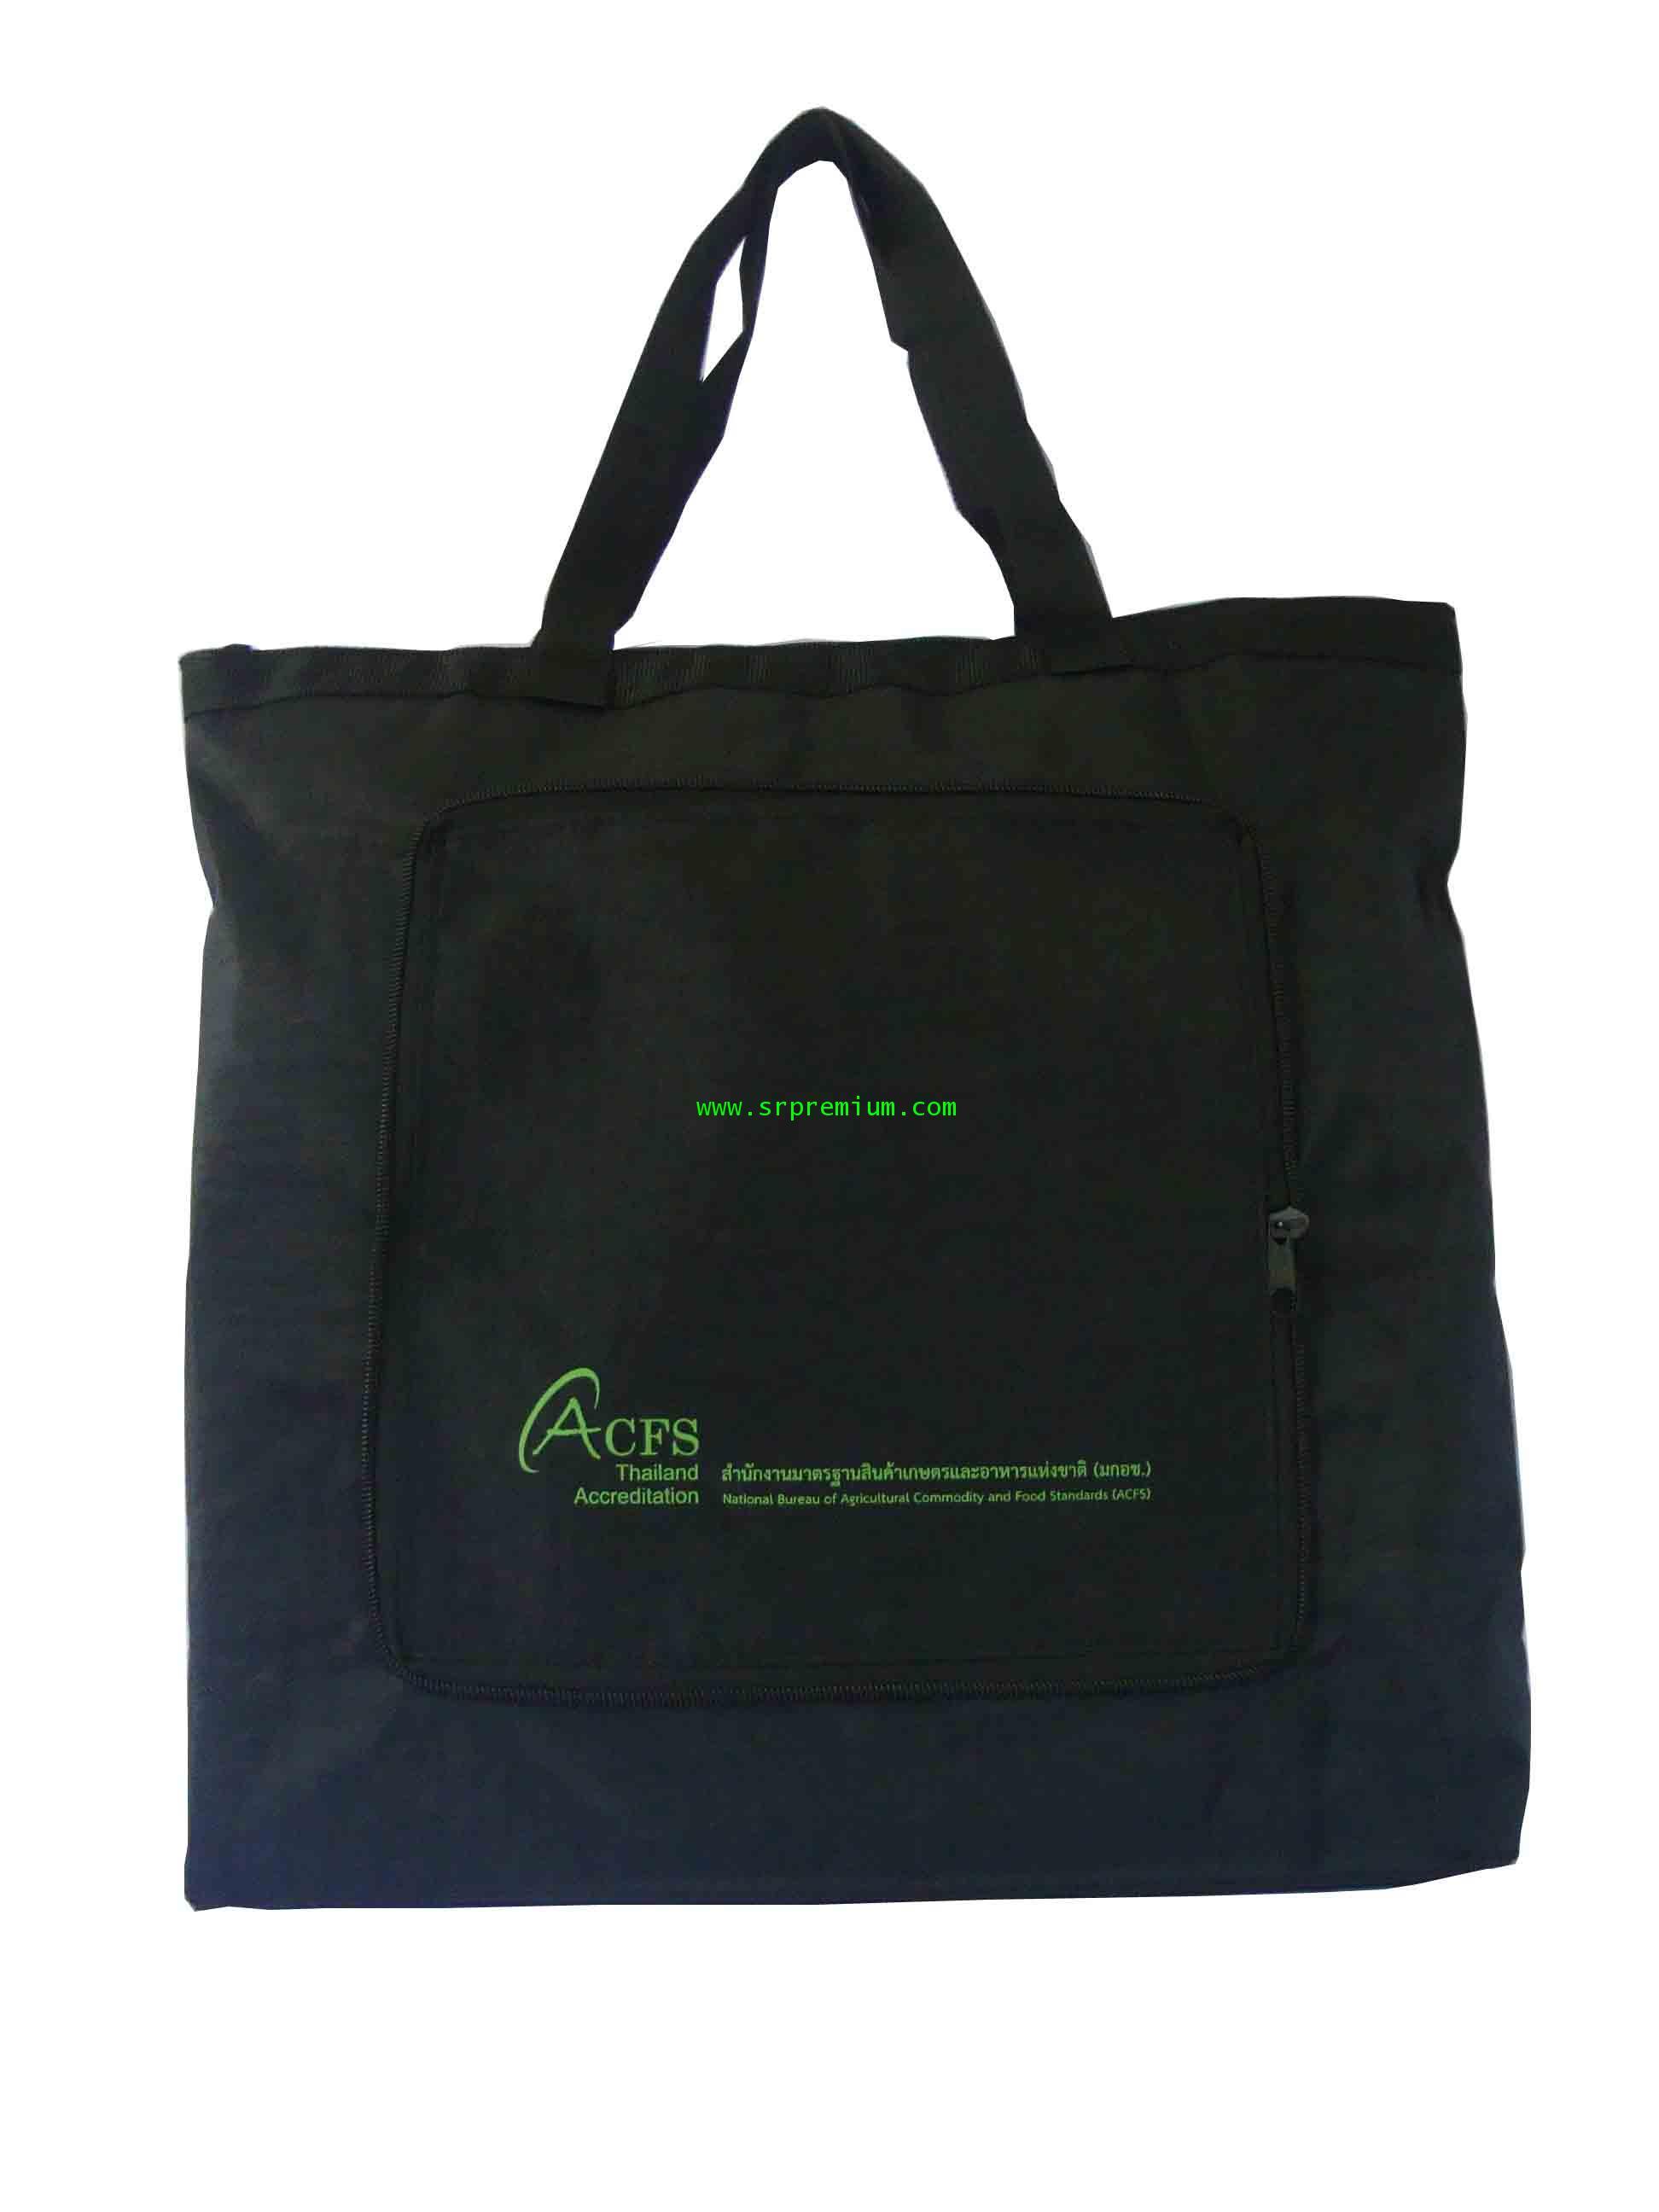 กระเป๋าชอปปิ้งแบบพับได้ รุ่น 06-0113 (718N9)